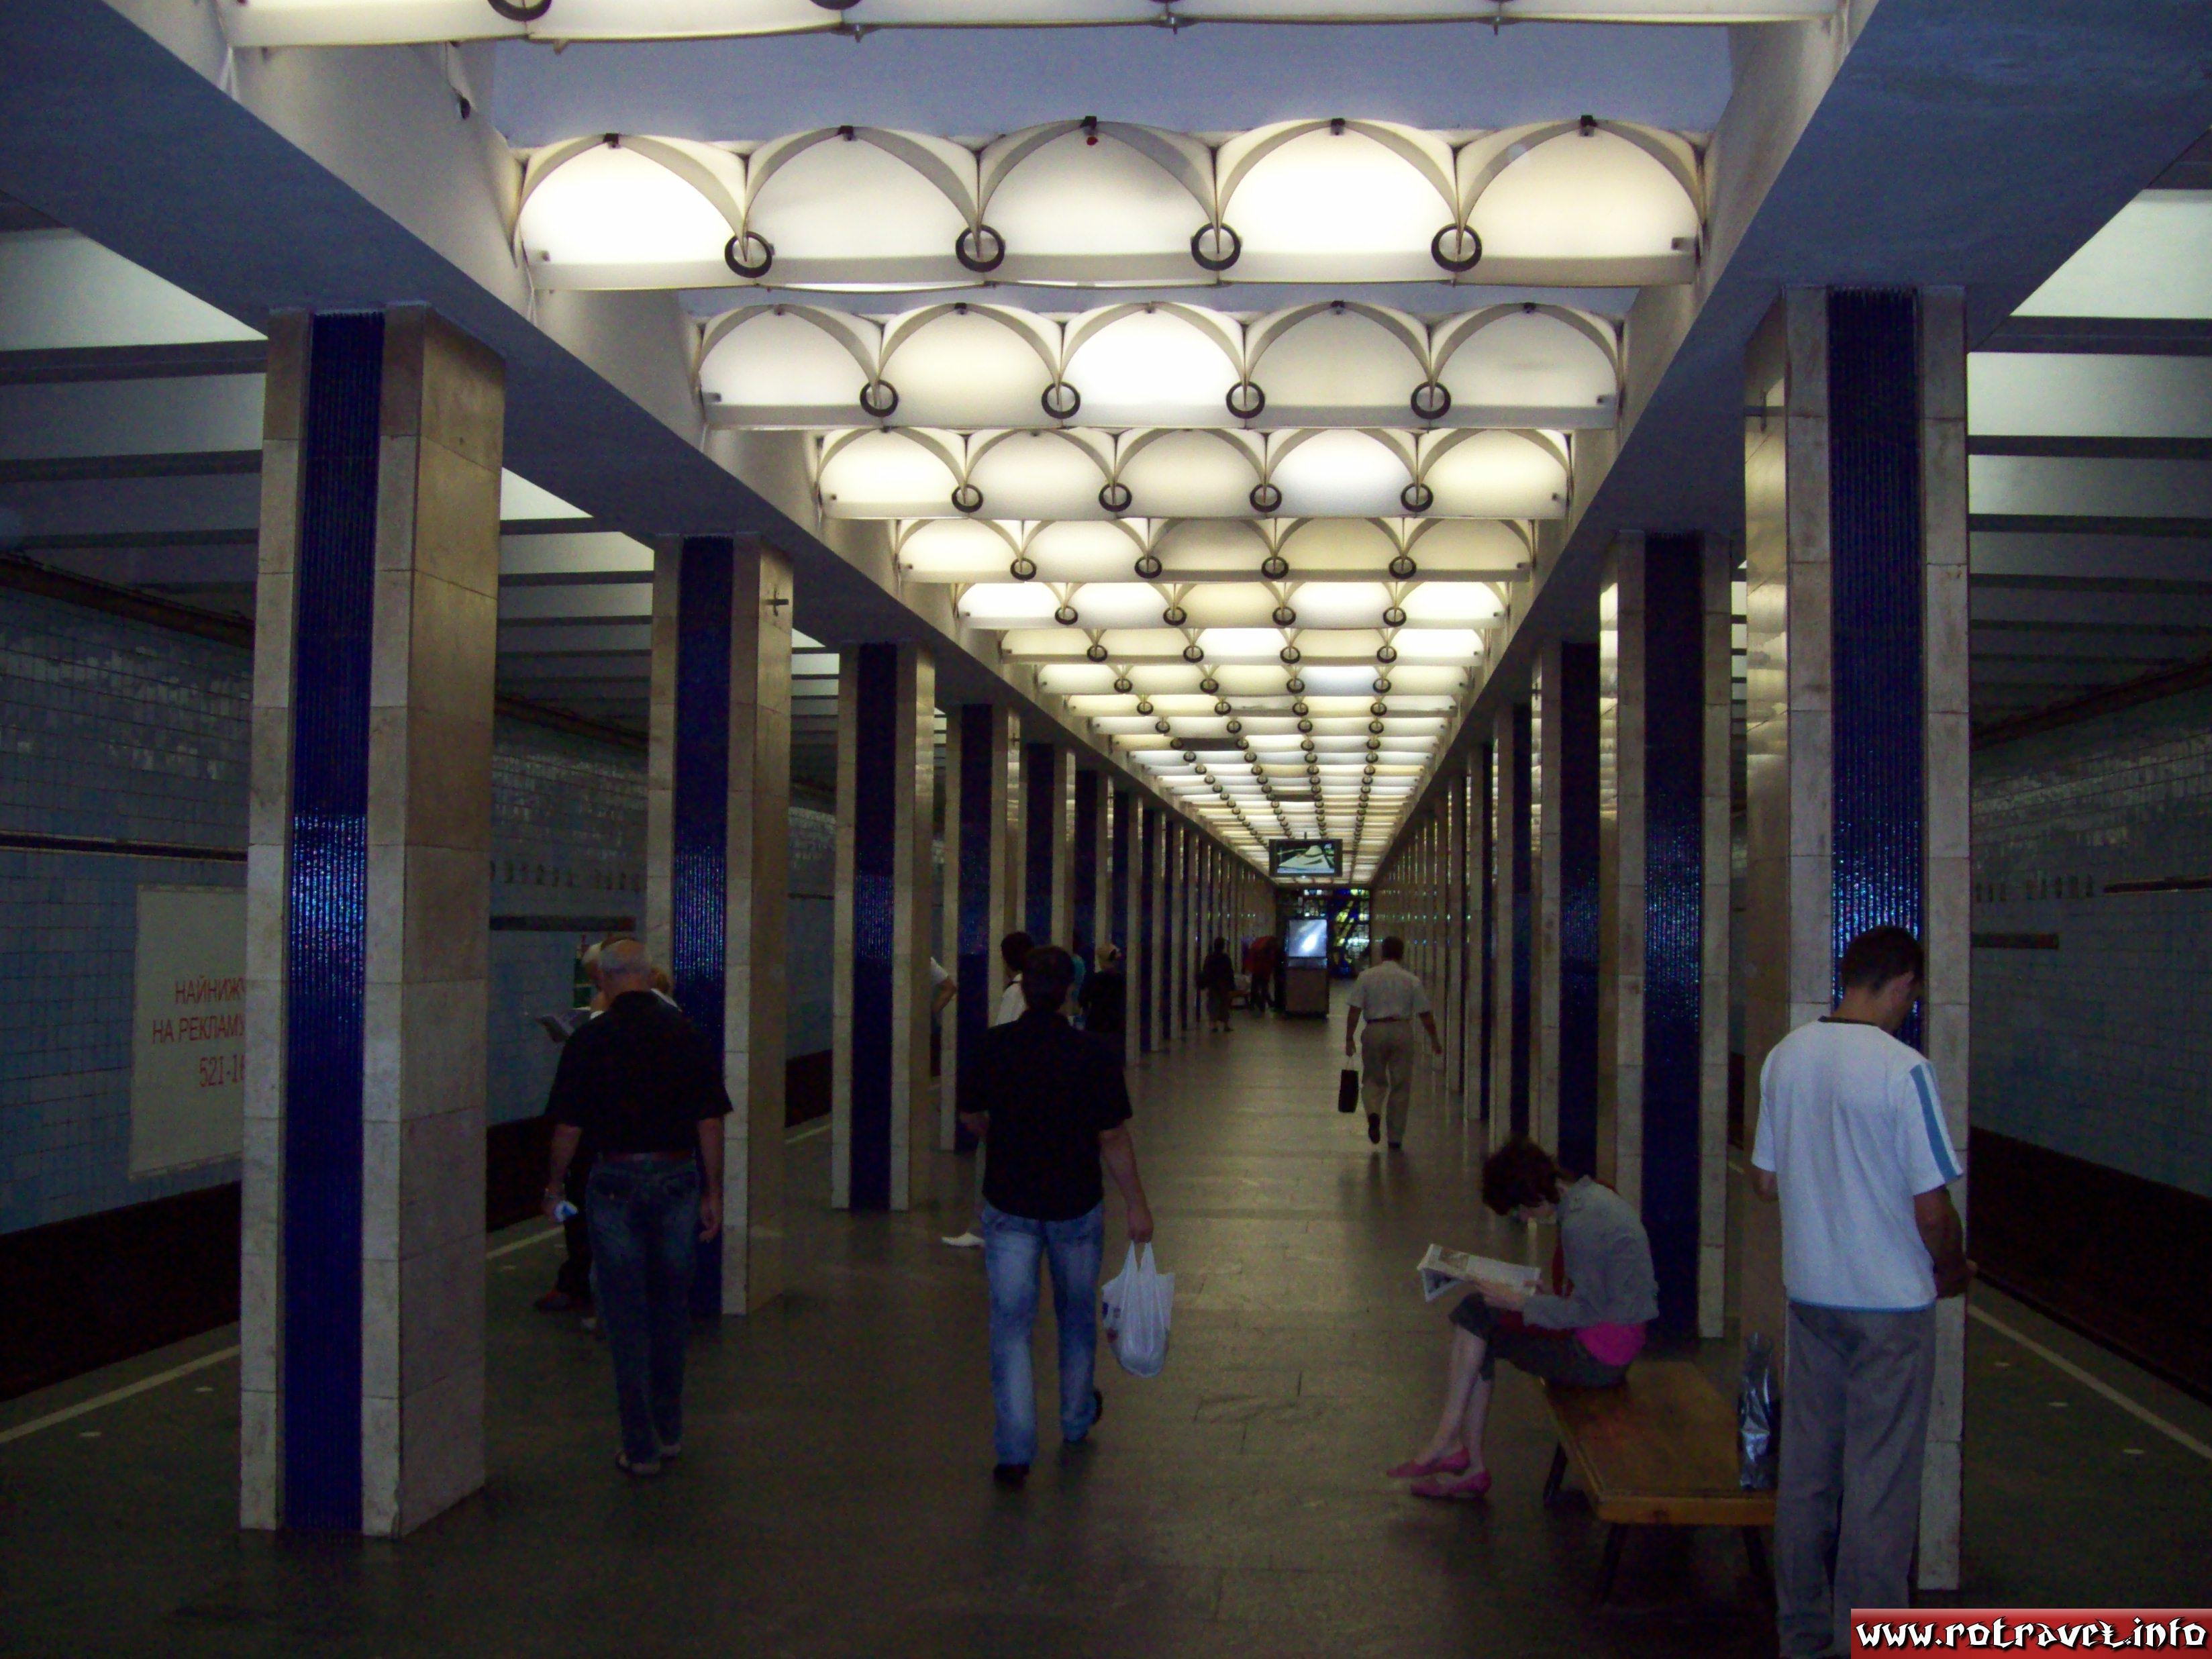 Poshtova Ploshcha subway station (Ukrainian: Поштова площа; Russian: Почтовая площадь, Pochtovaya ploschad)